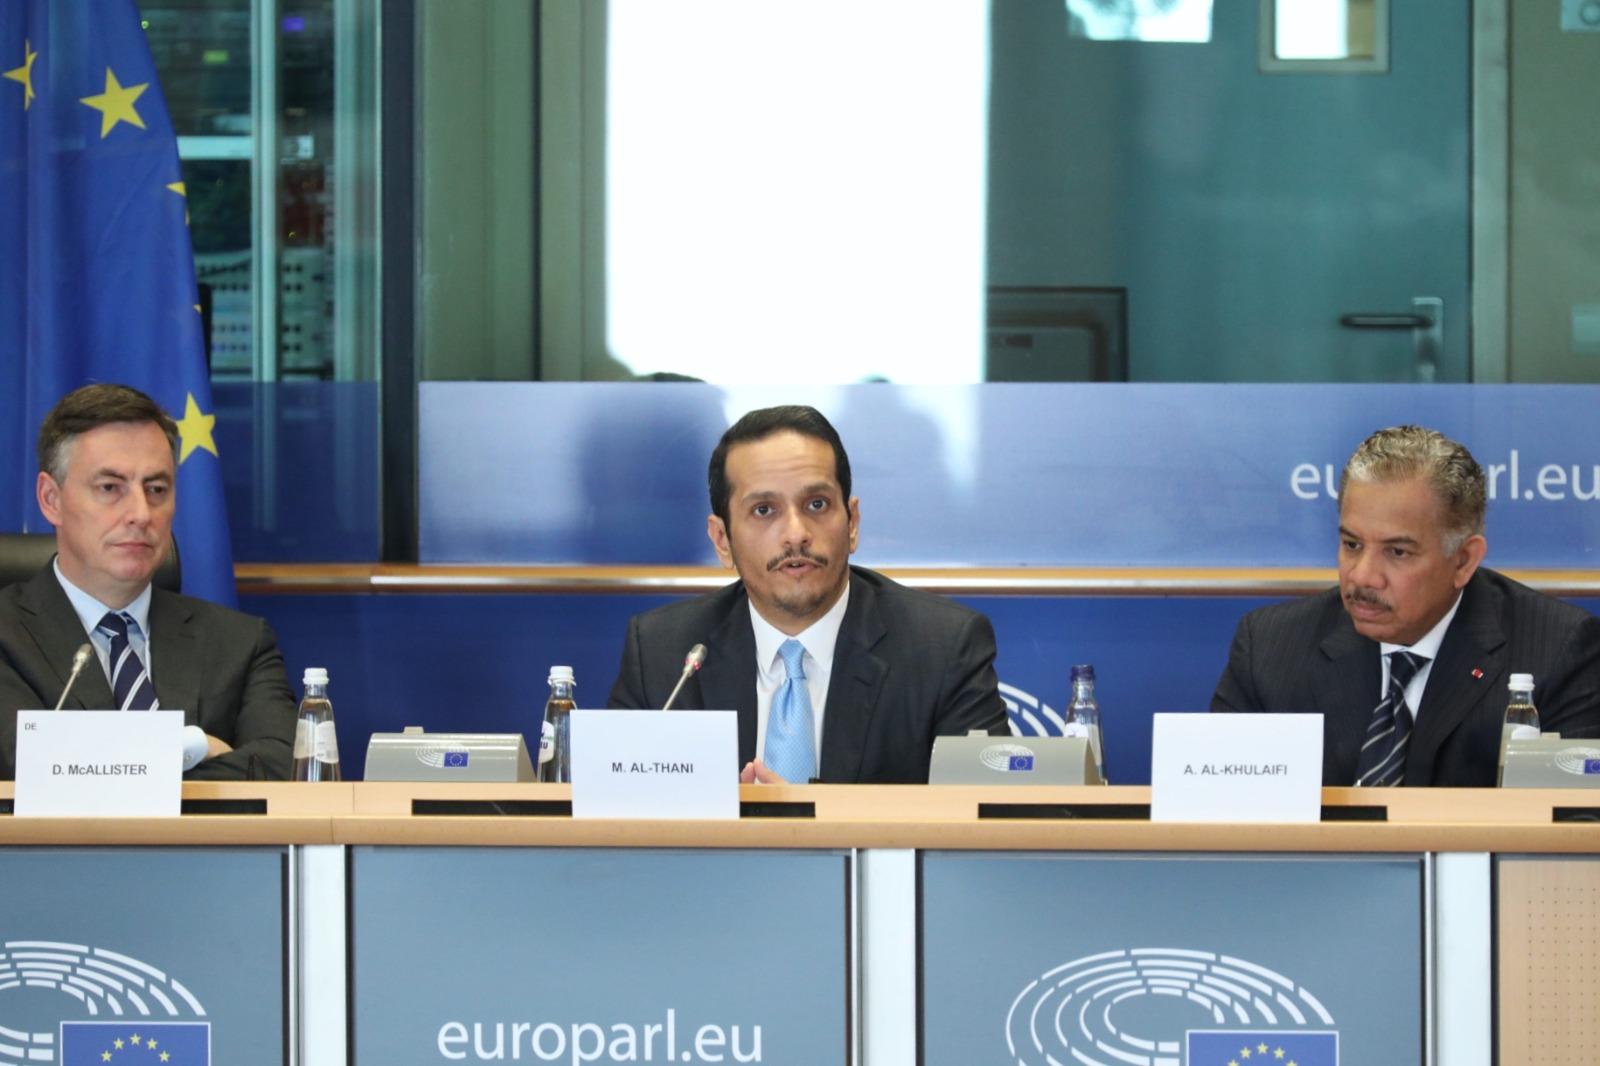 نائب رئيس مجلس الوزراء وزير الخارجية يجدد دعوة قطر إلى إبرام اتفاقية أمنية ملزمة لدول الشرق الأوسط